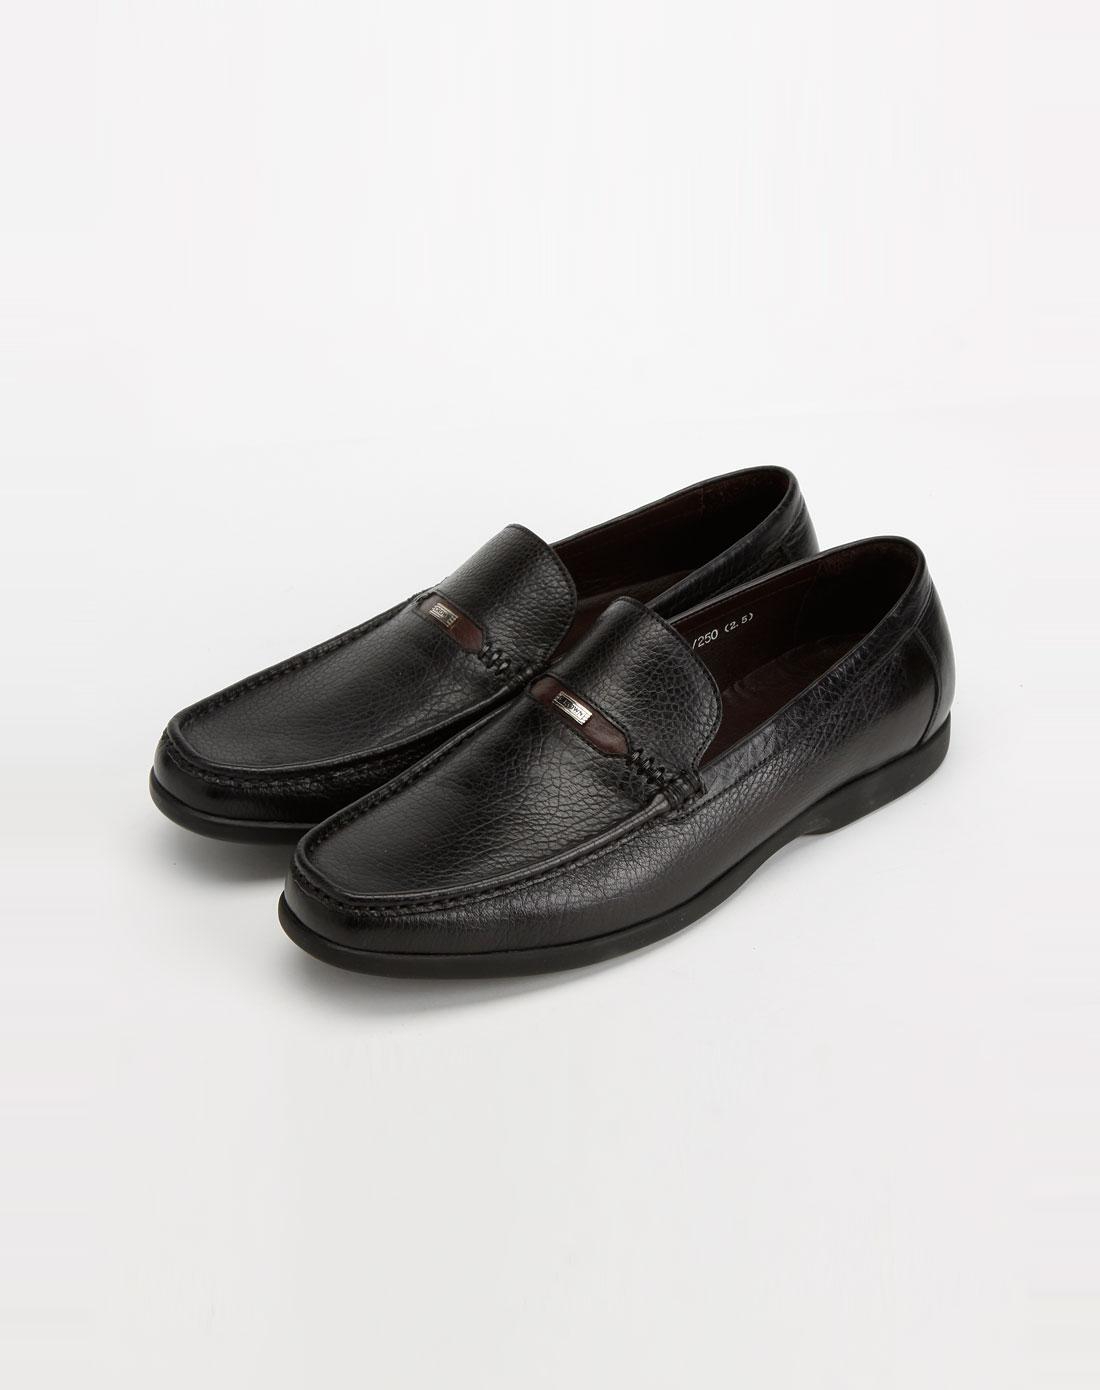 黑色商务休闲皮鞋_皇冠crown-男鞋官网特价2-2